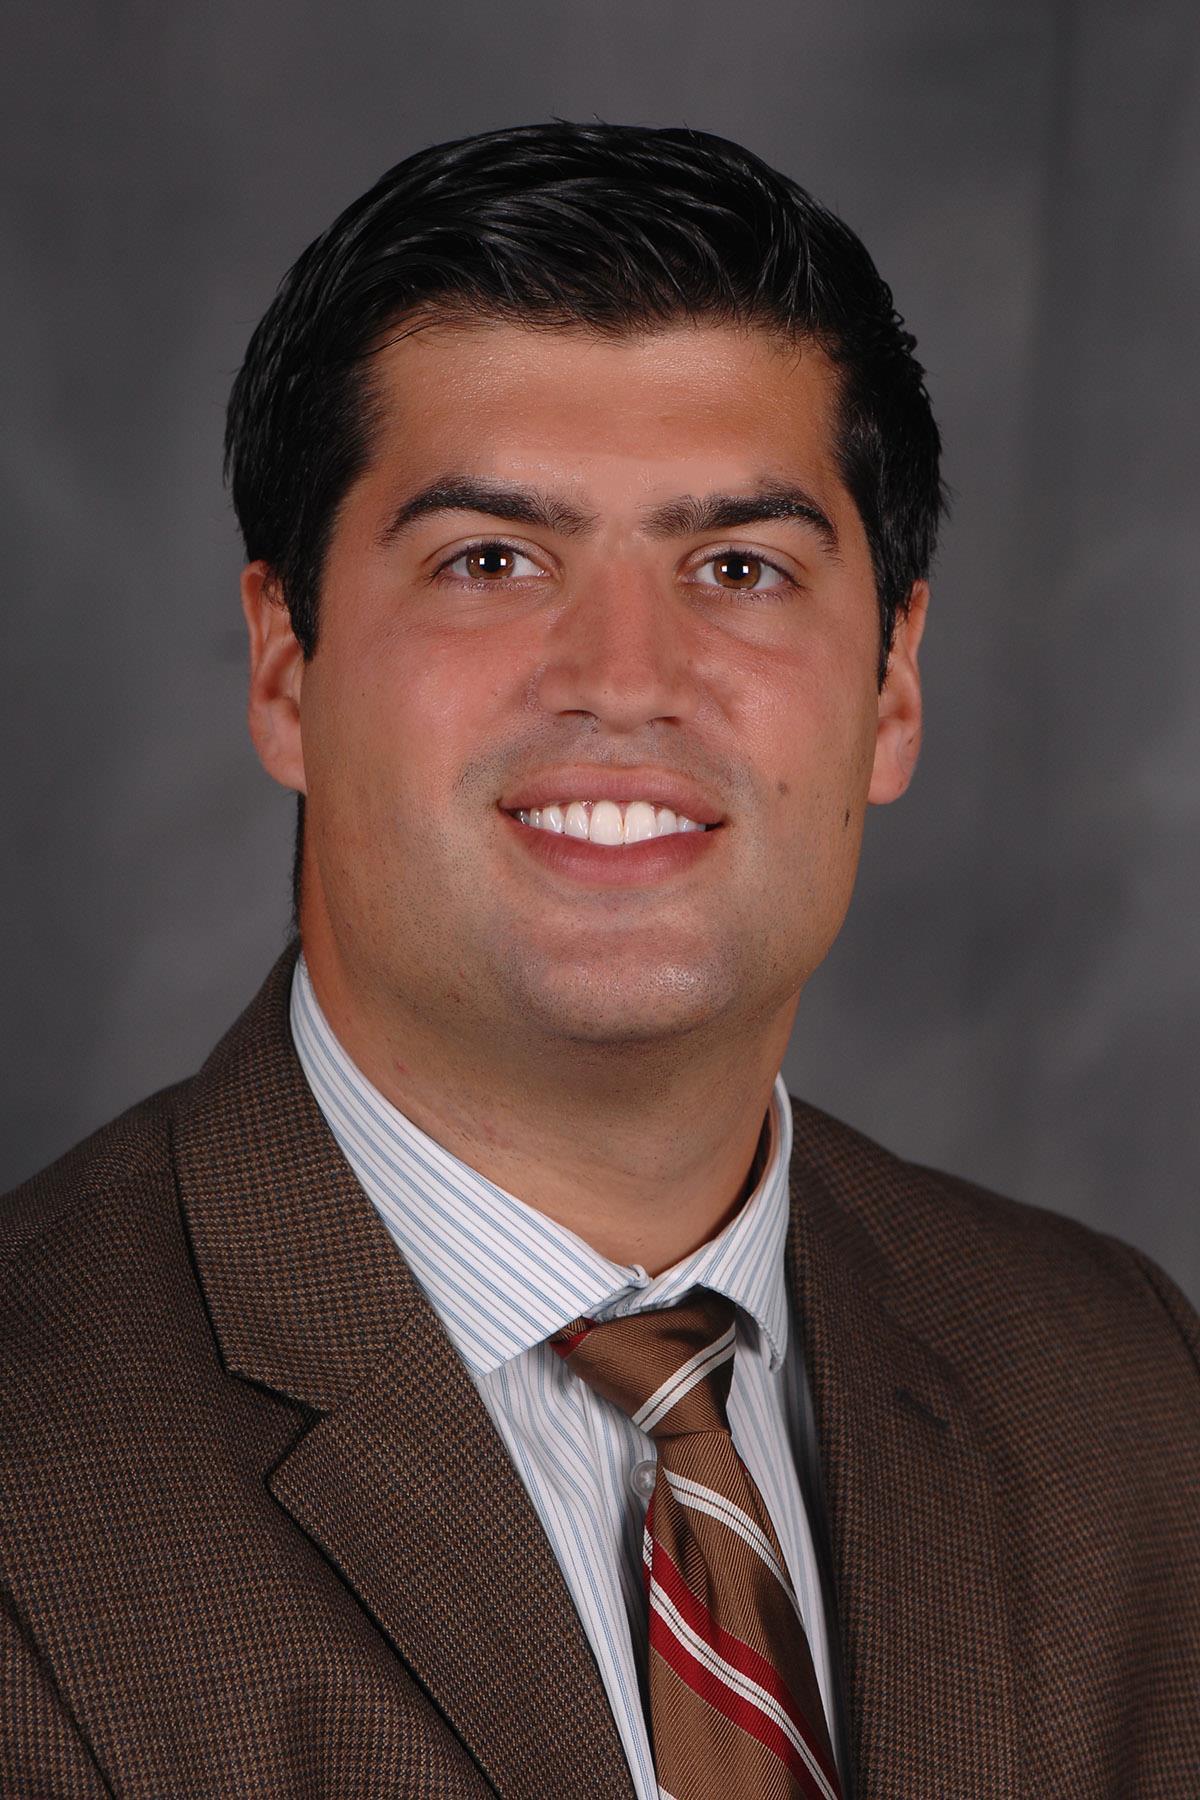 Anthony Mirando